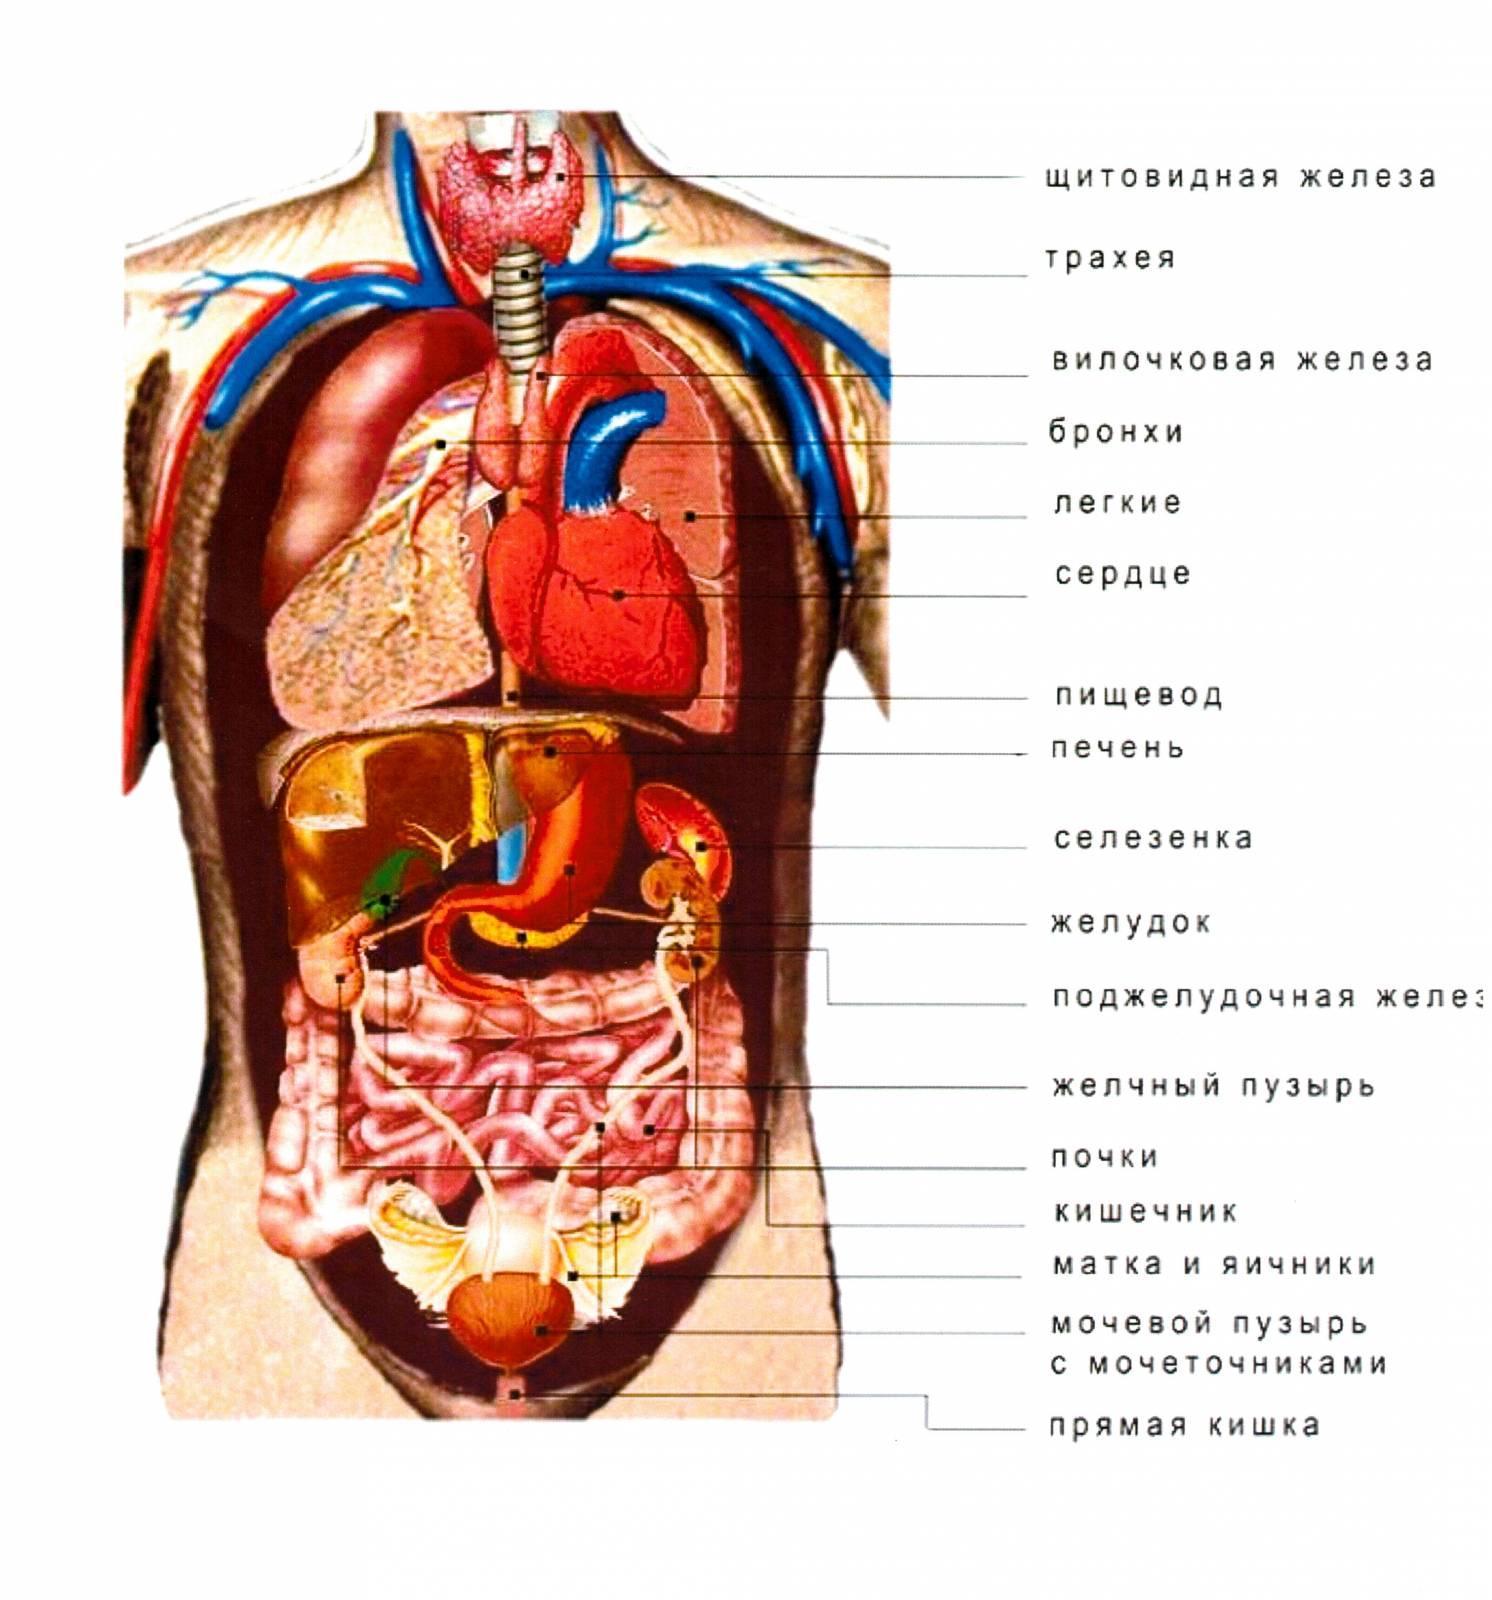 Внутренние органы женщины на картинке